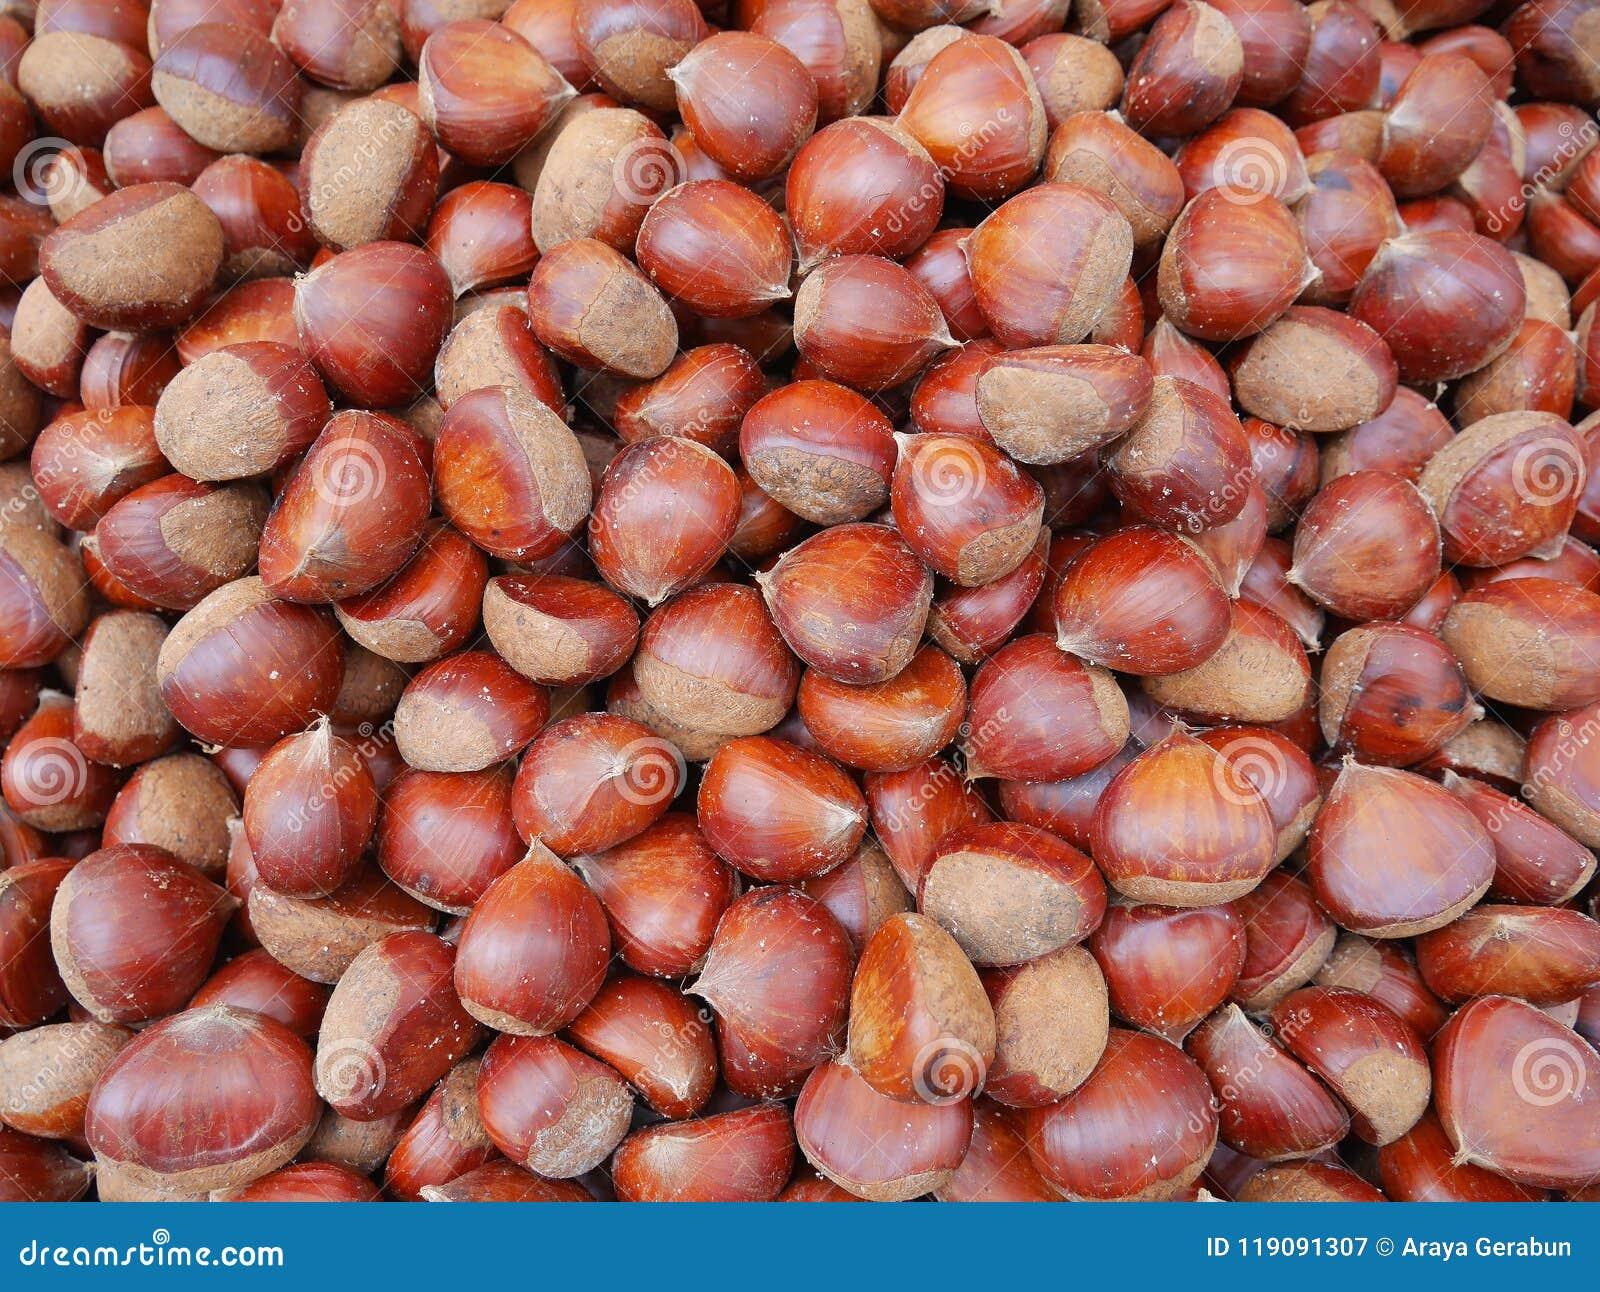 Edelkastanien, essbare Kastanien die ungenießbare werden das gebratene Rosskastaniensalz genannt, sind gesunde und köstliche Snäc